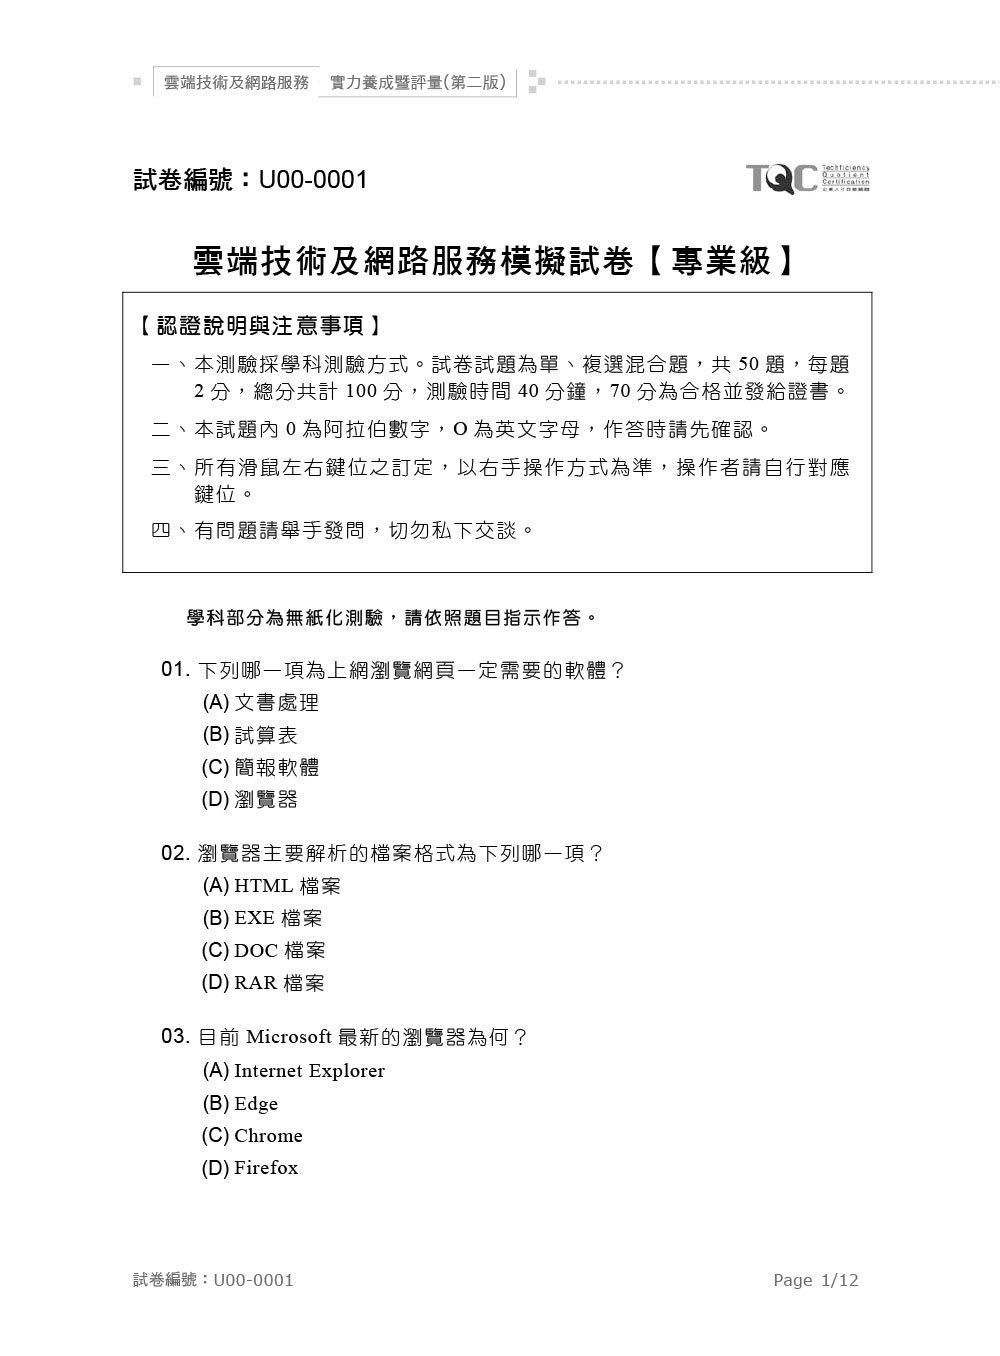 TQC 雲端技術及網路服務實力養成暨評量, 2/e-preview-5